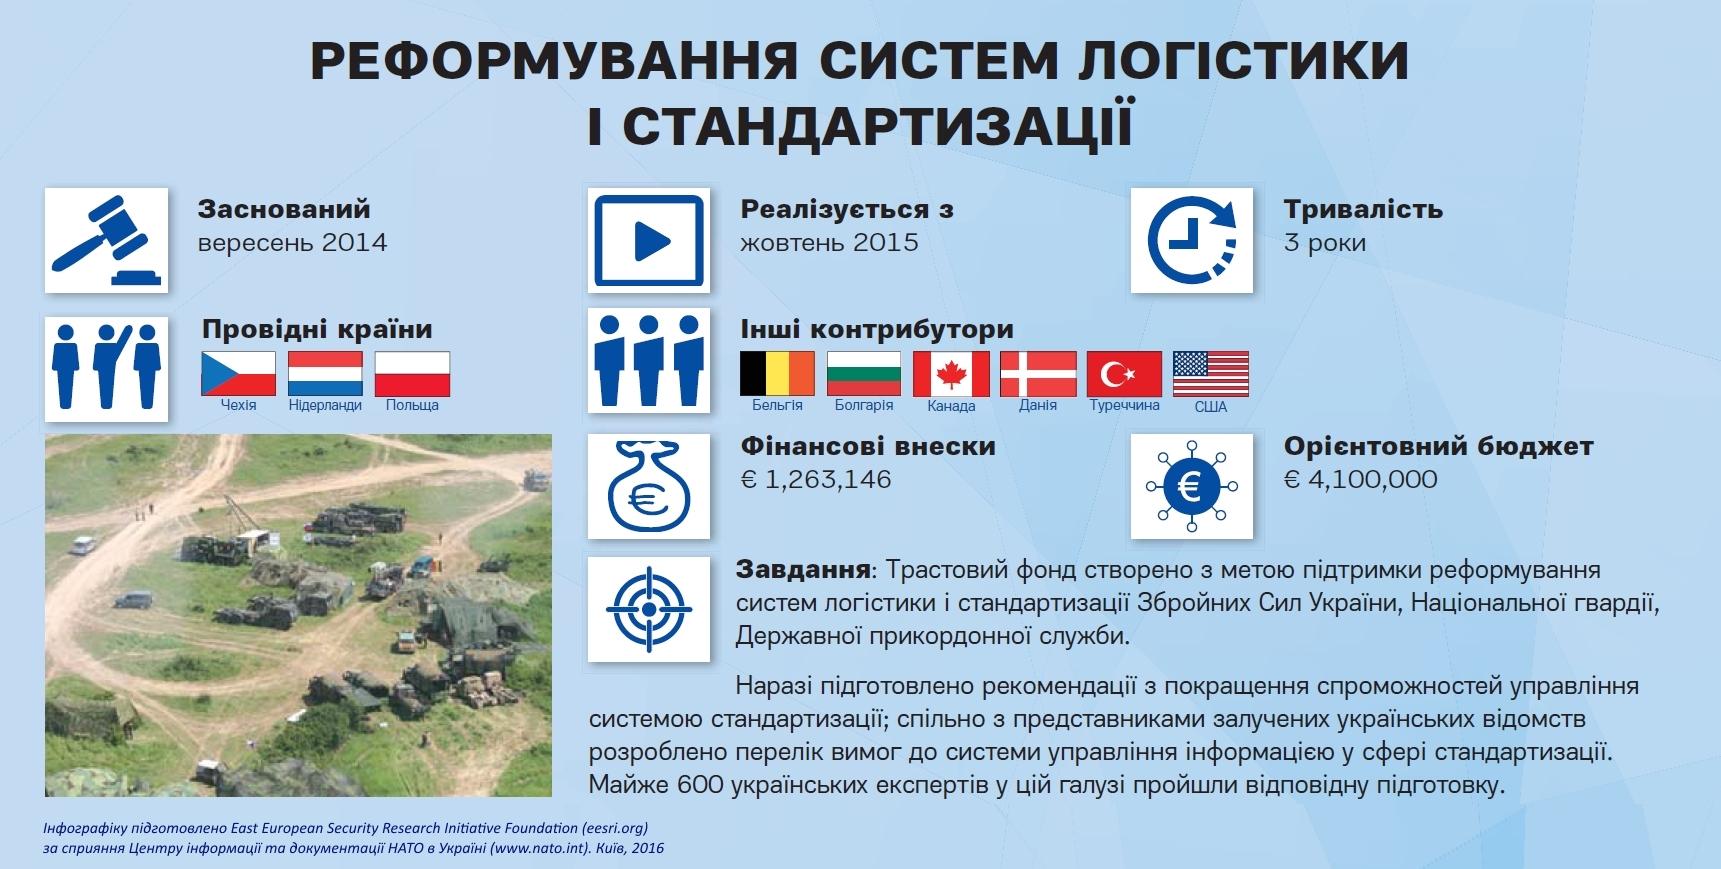 nato-ua_logistics-standart_ukr